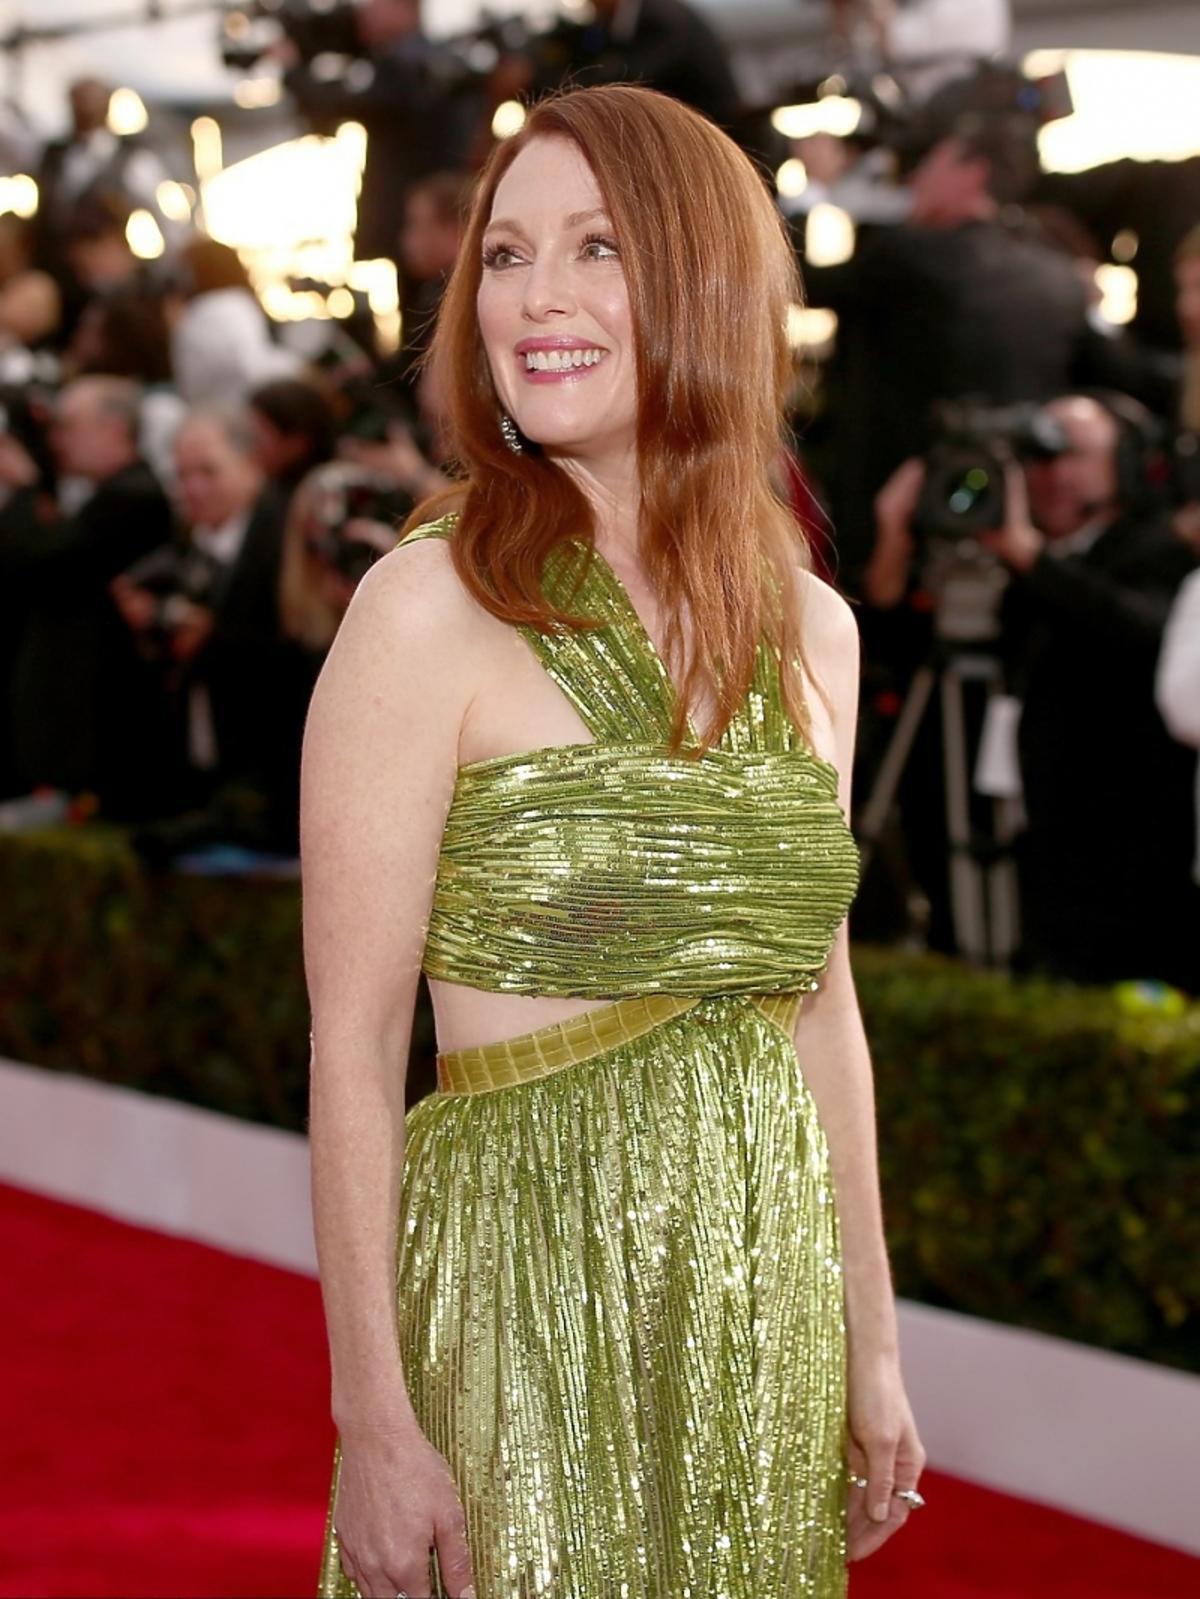 Julianne Moore w zielonej błyszczącej sukni na czerwonym dywanie